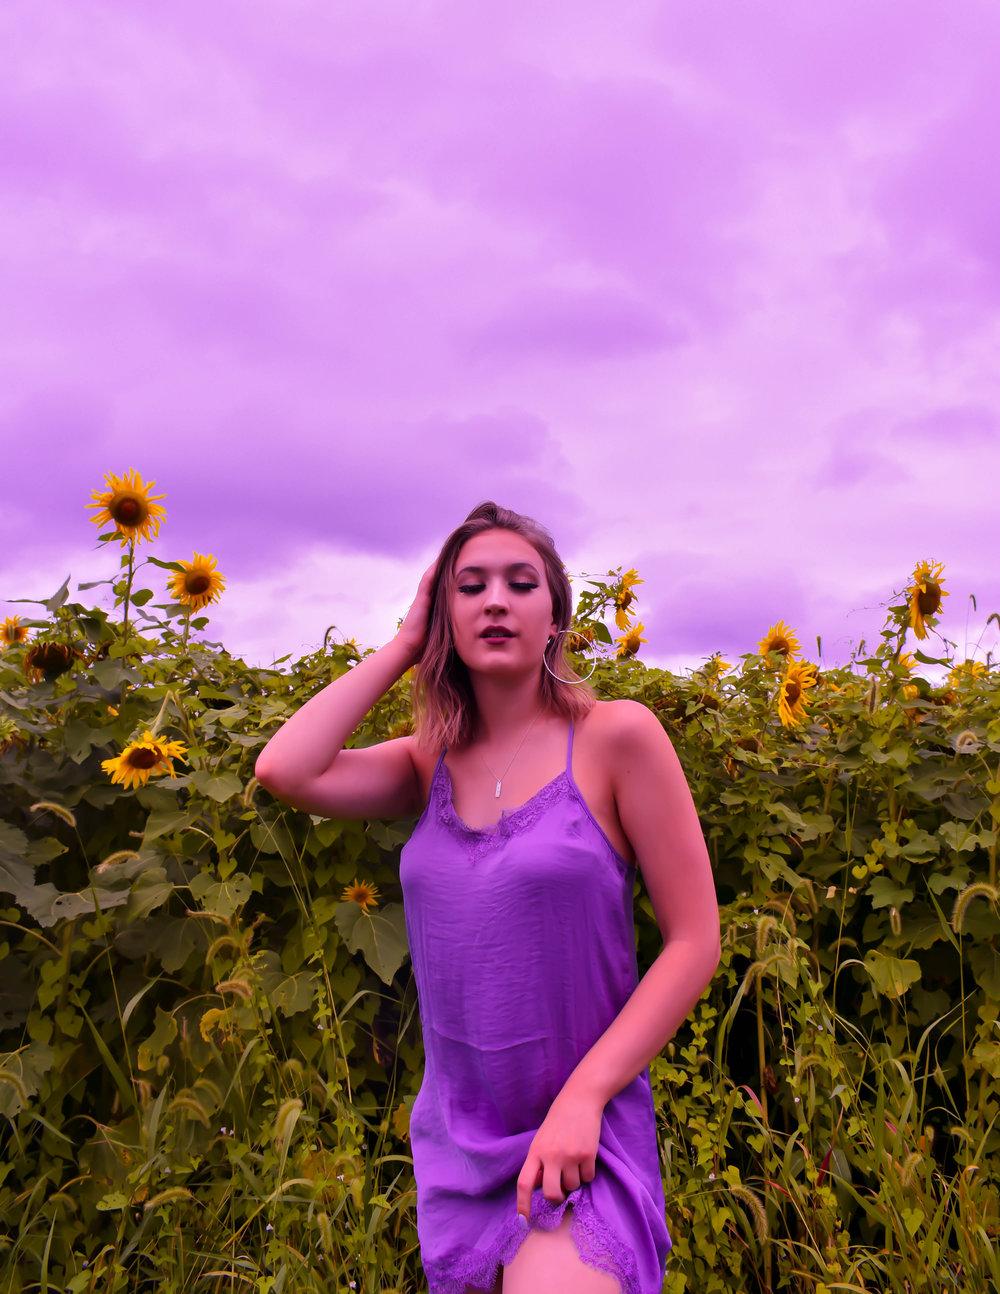 mere purple3.jpg